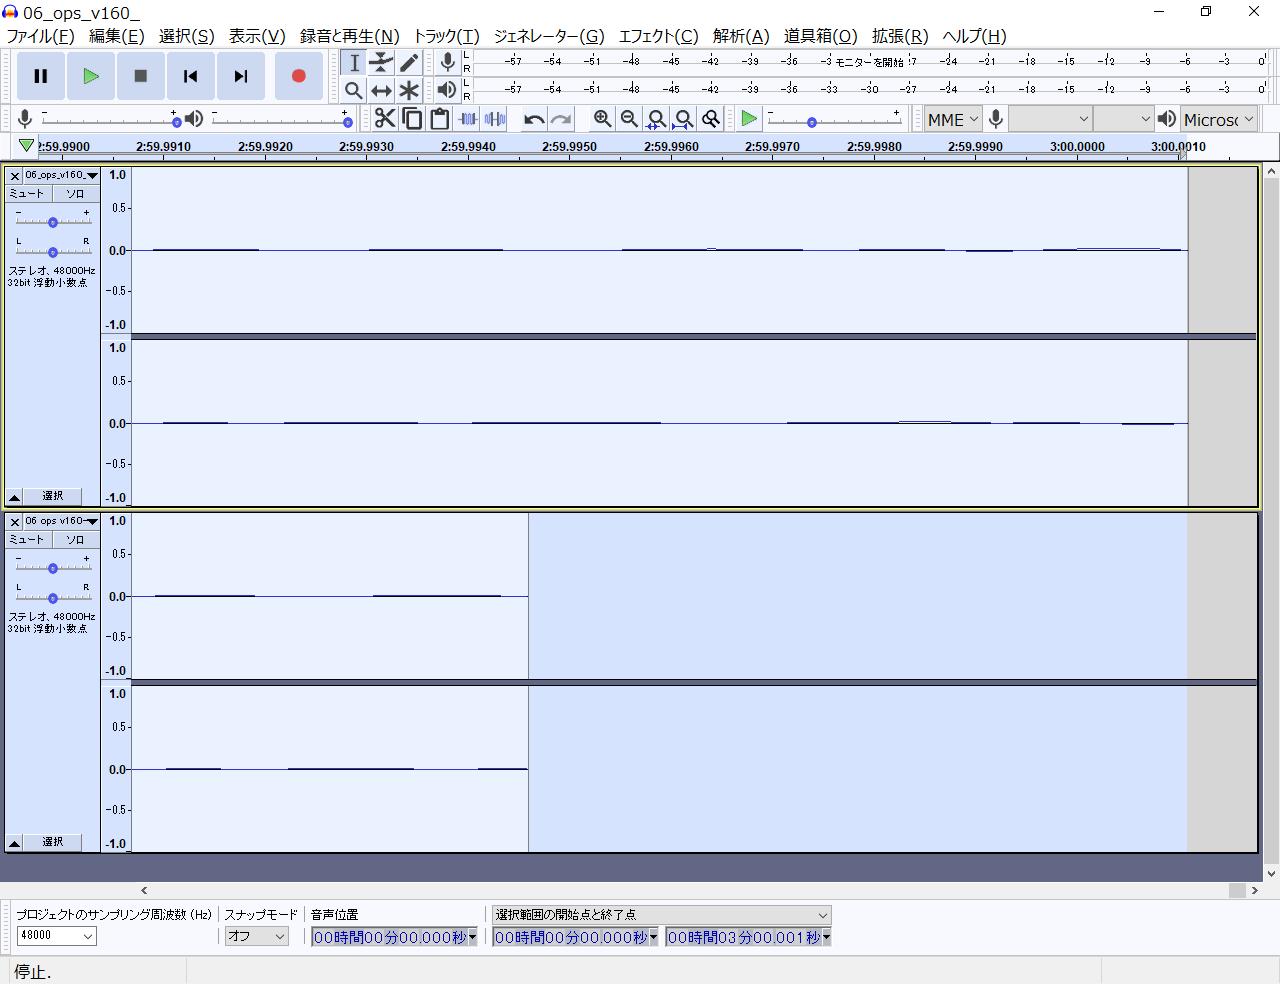 図7 、入/出力(webm)ファイル末端部波形比較(サンプル No. 06)